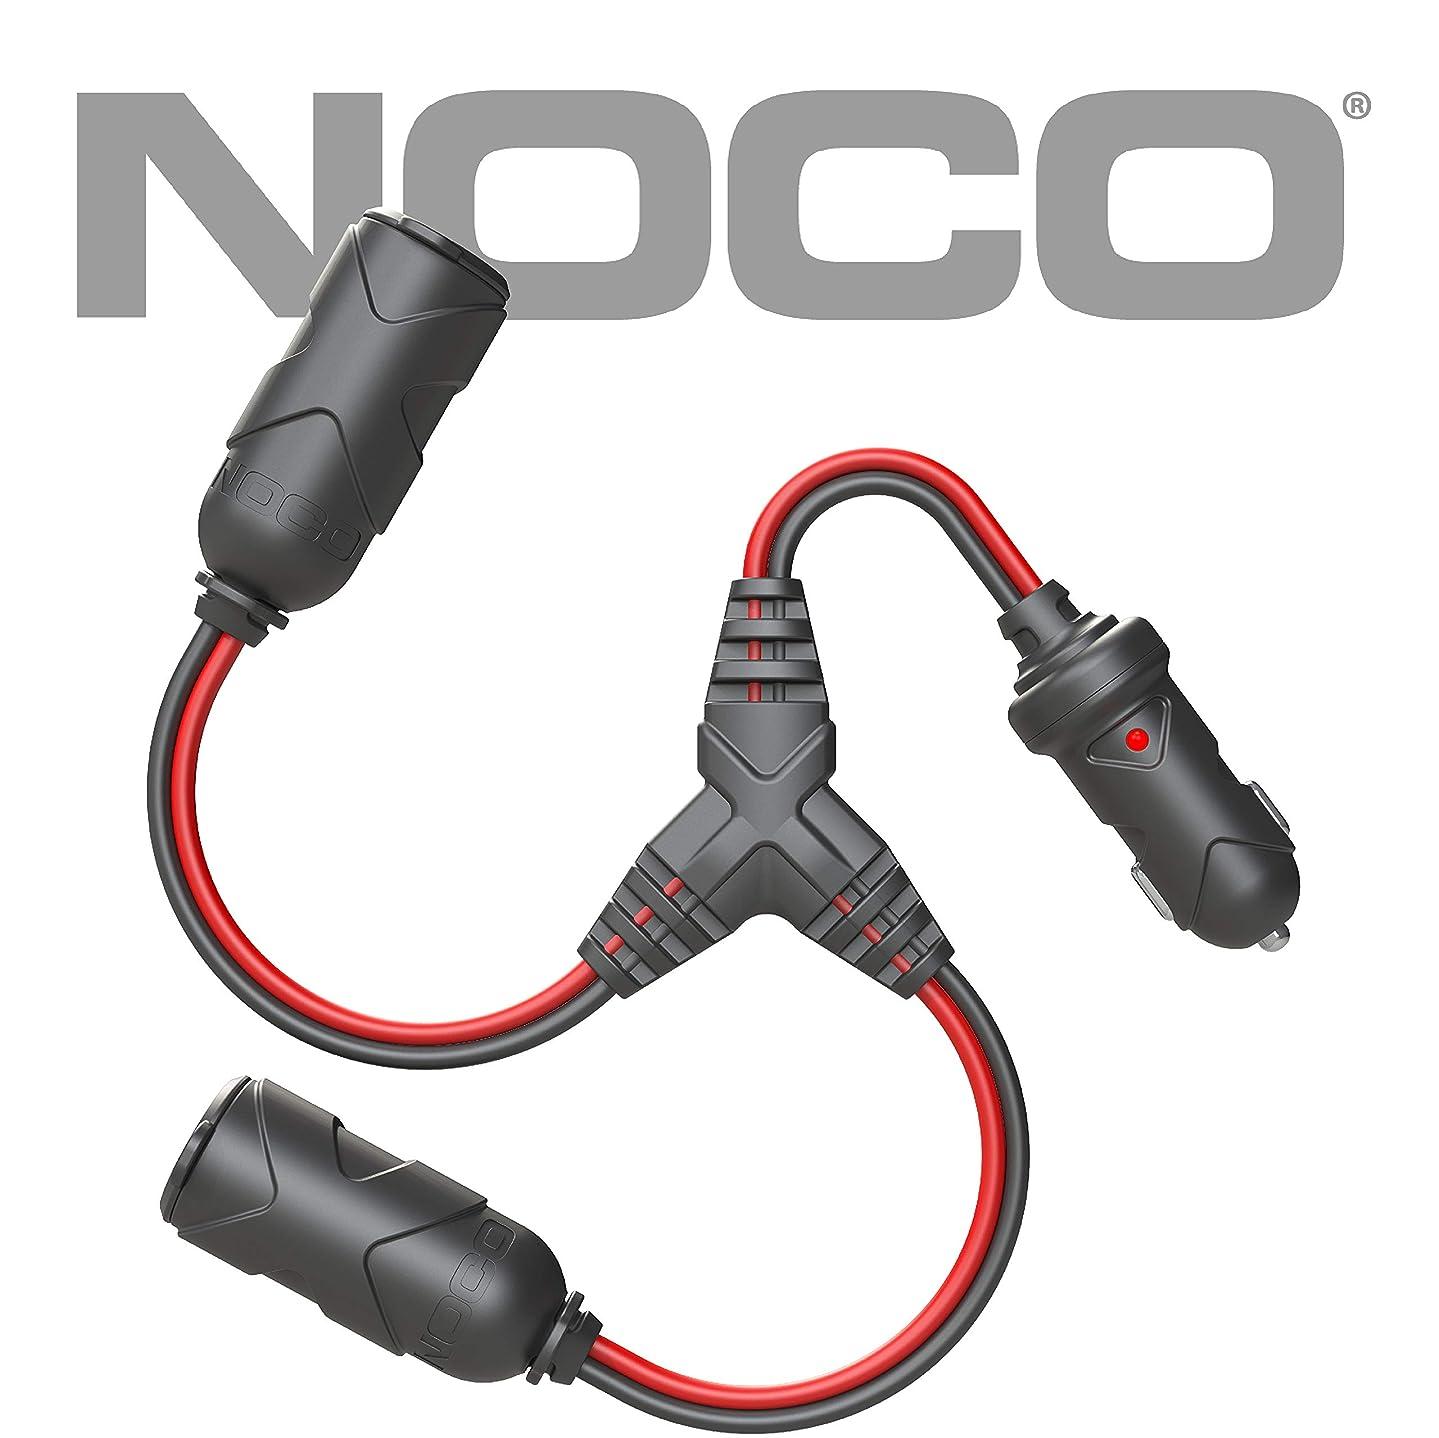 NOCO GC020 12V Adapter Plug Socket 2-Way Splitter